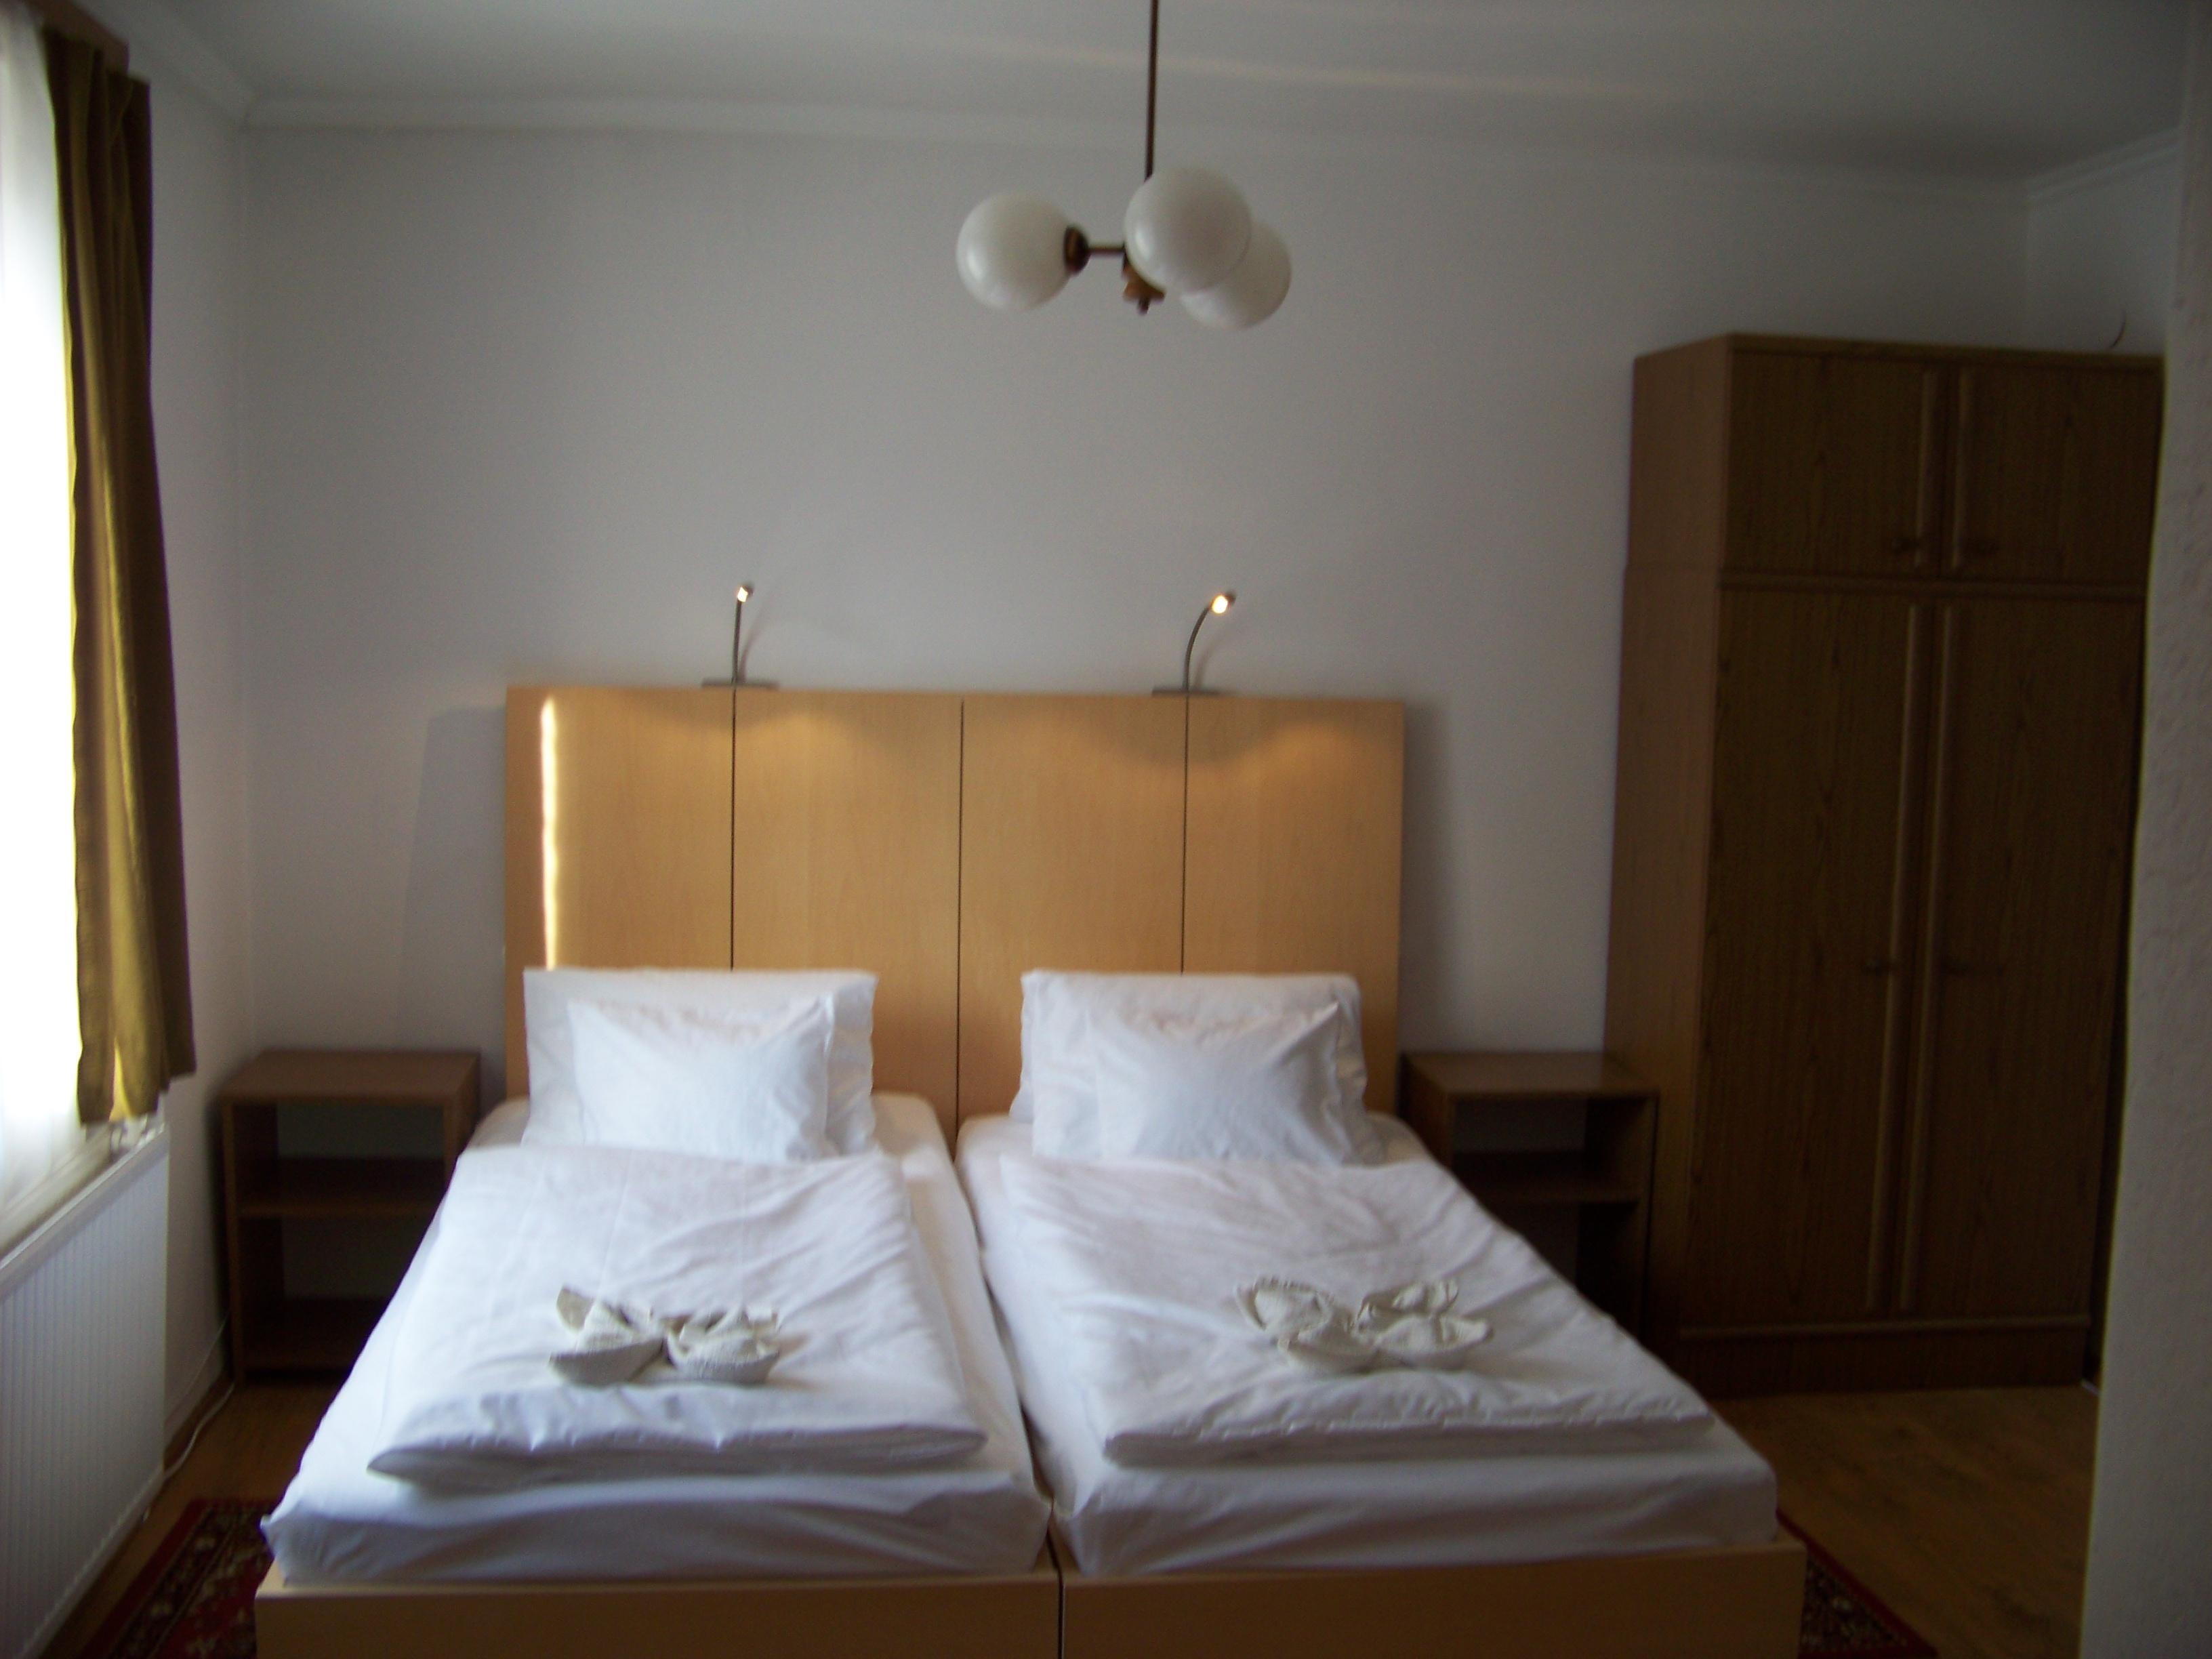 2 szobás apartman: 3 ágyas szoba